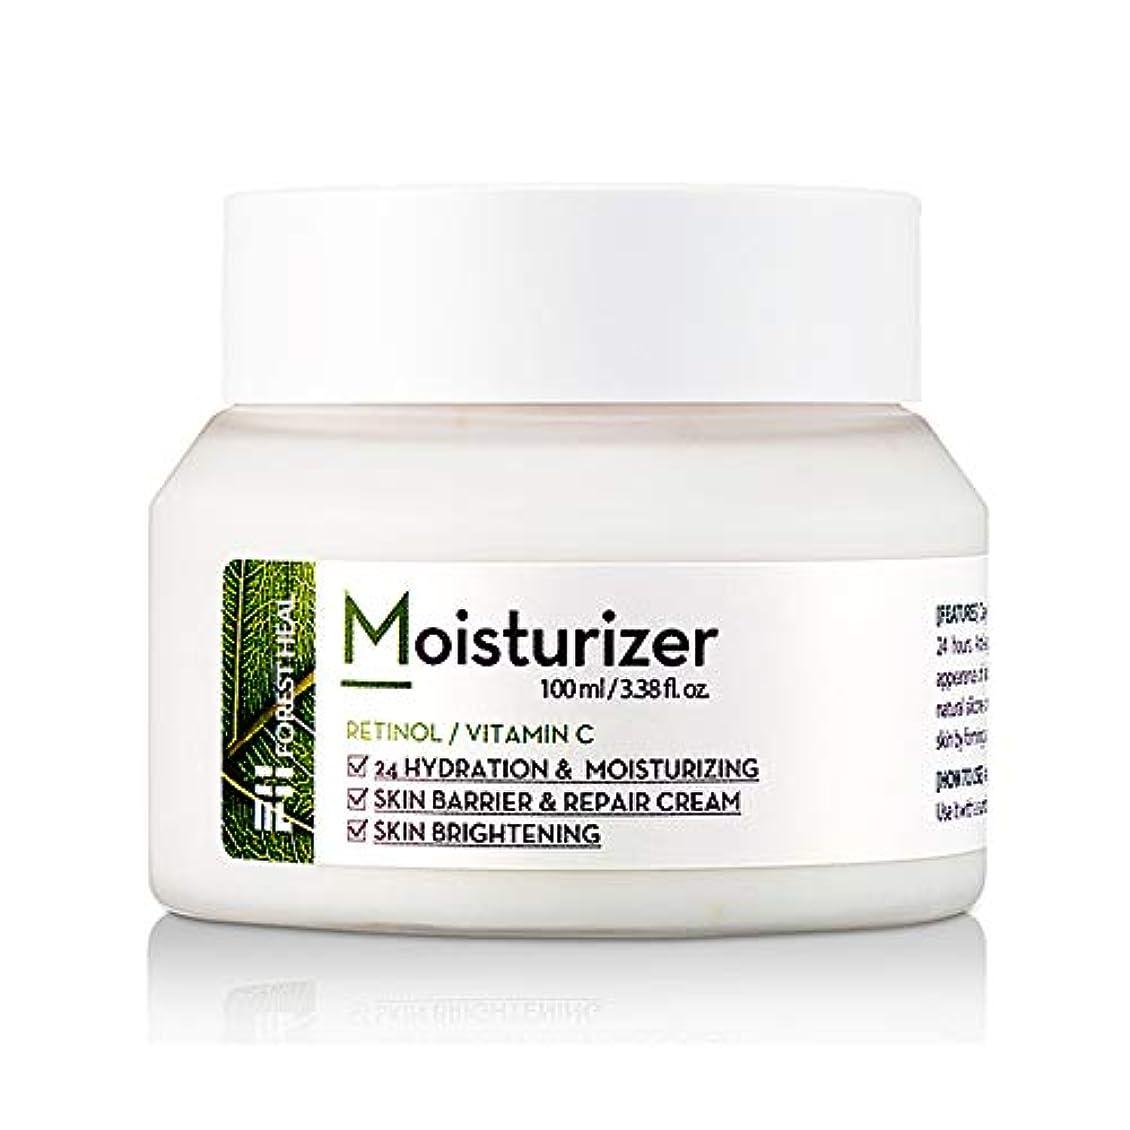 レイプ警告する再生可能フォレストヒール モイストライザークリーム FOREST HEAL Moisturizer 乳液 クリーム 肌に優しい オーガニック すべすべ肌 トラブル肌 敏感肌 うるおい肌 水分ケア